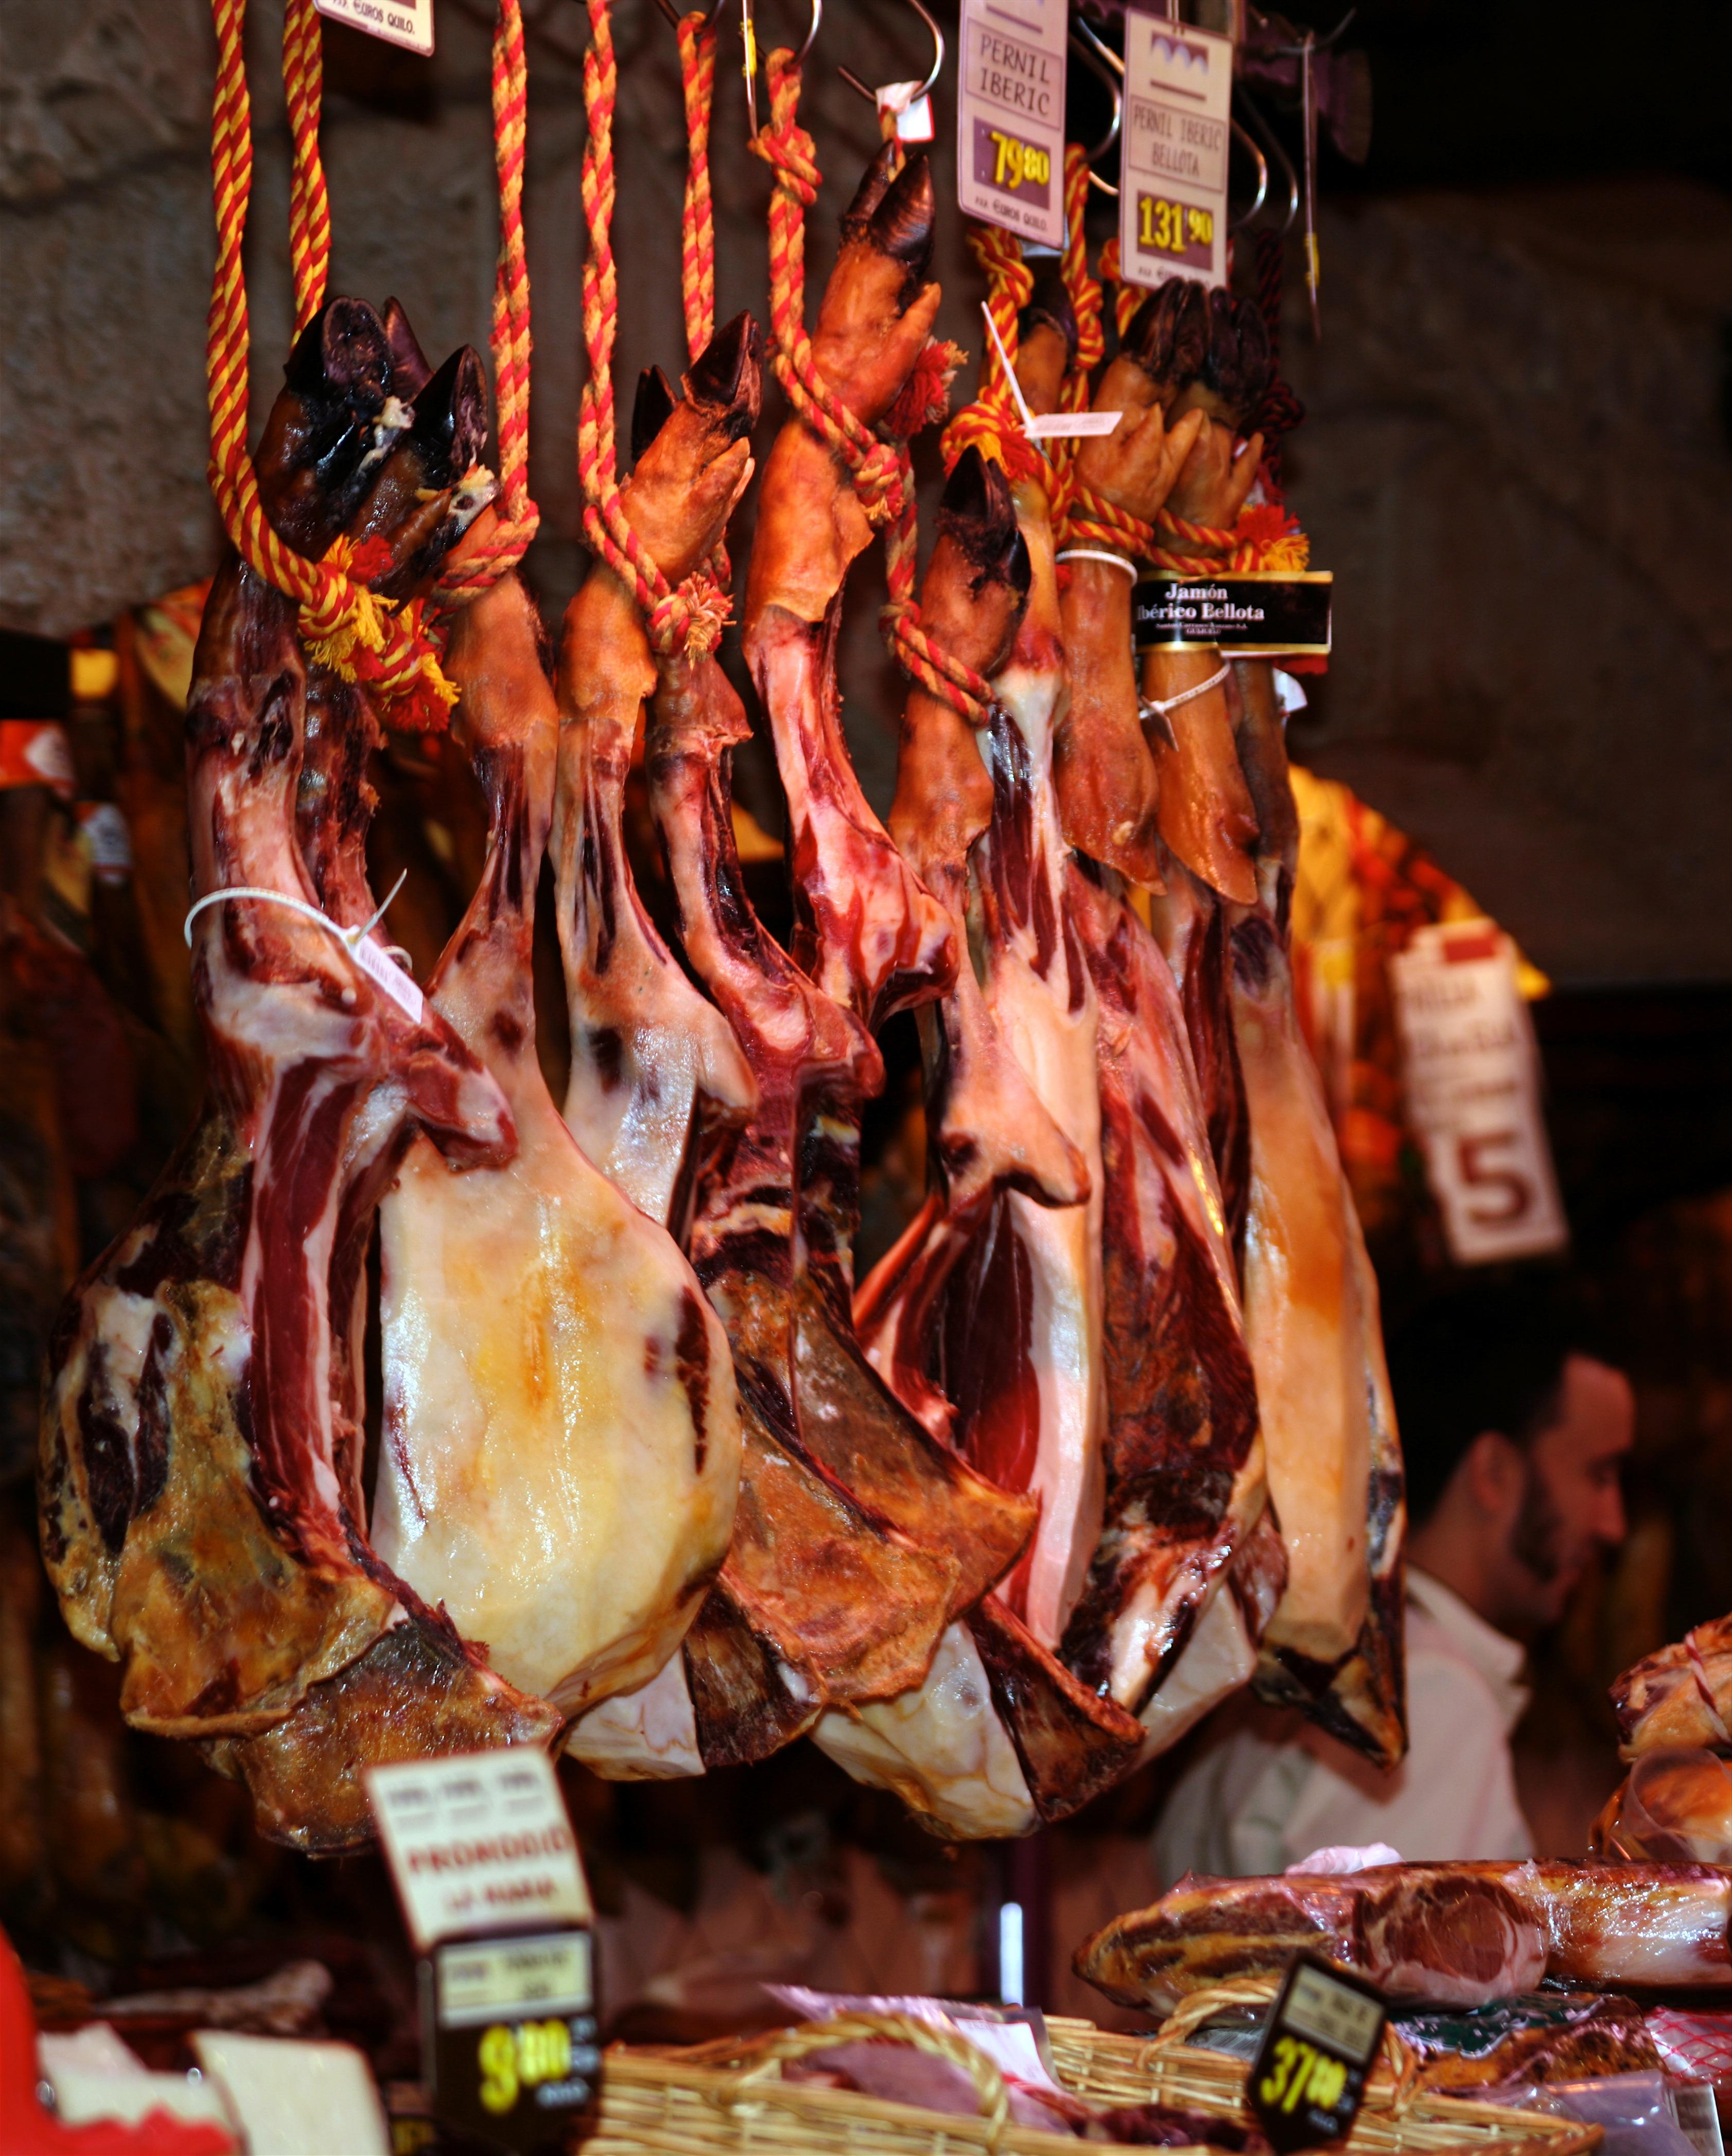 Buy Spiral Ham Savon Foods Market